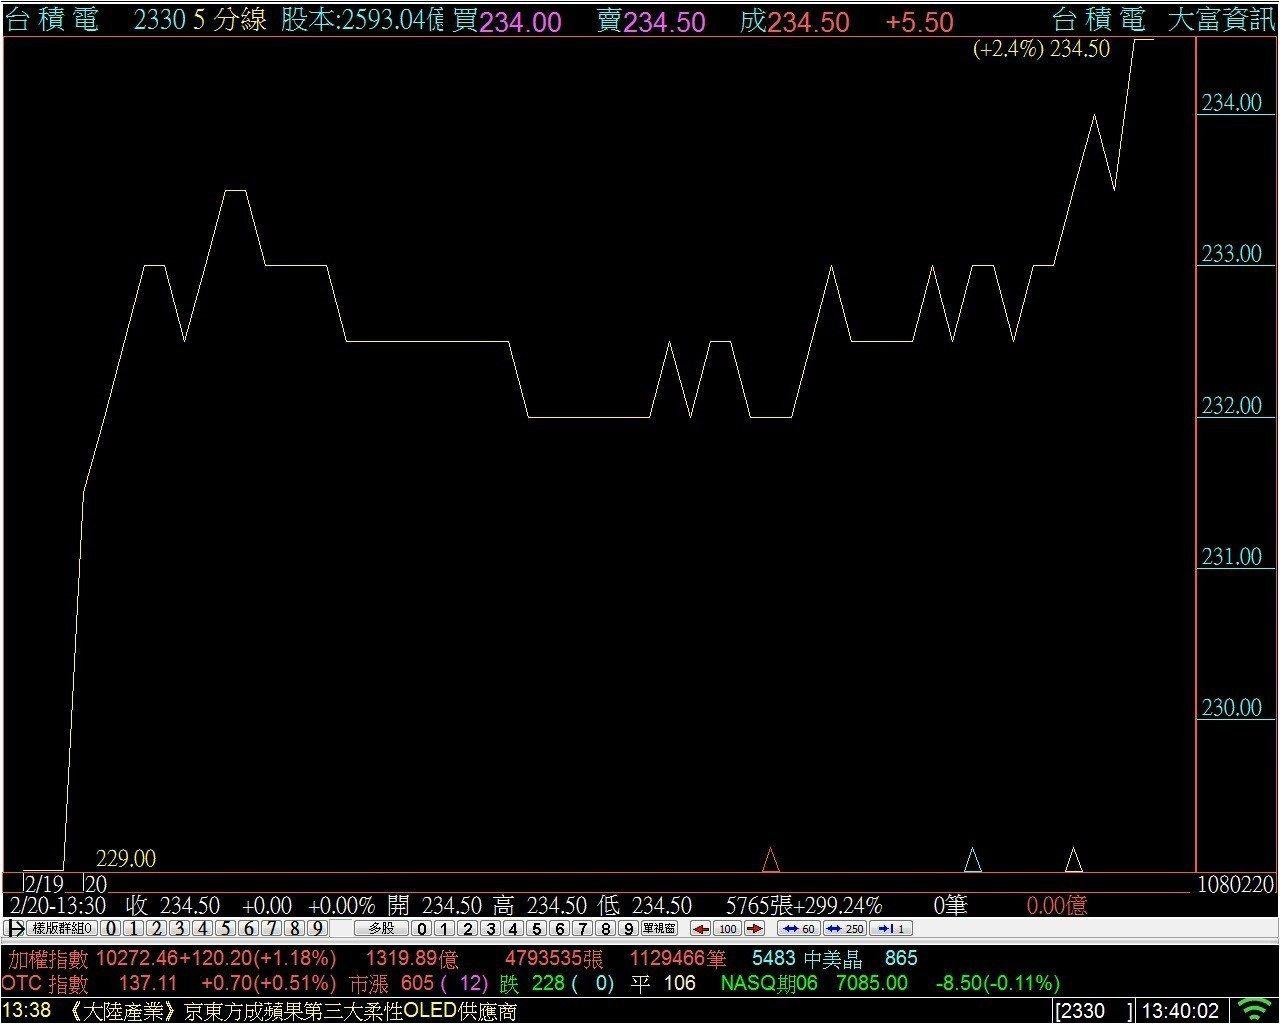 台積電新股利政策獲得法人認同,股價走高收在今日最高點234.5元,也攀今年來新高...